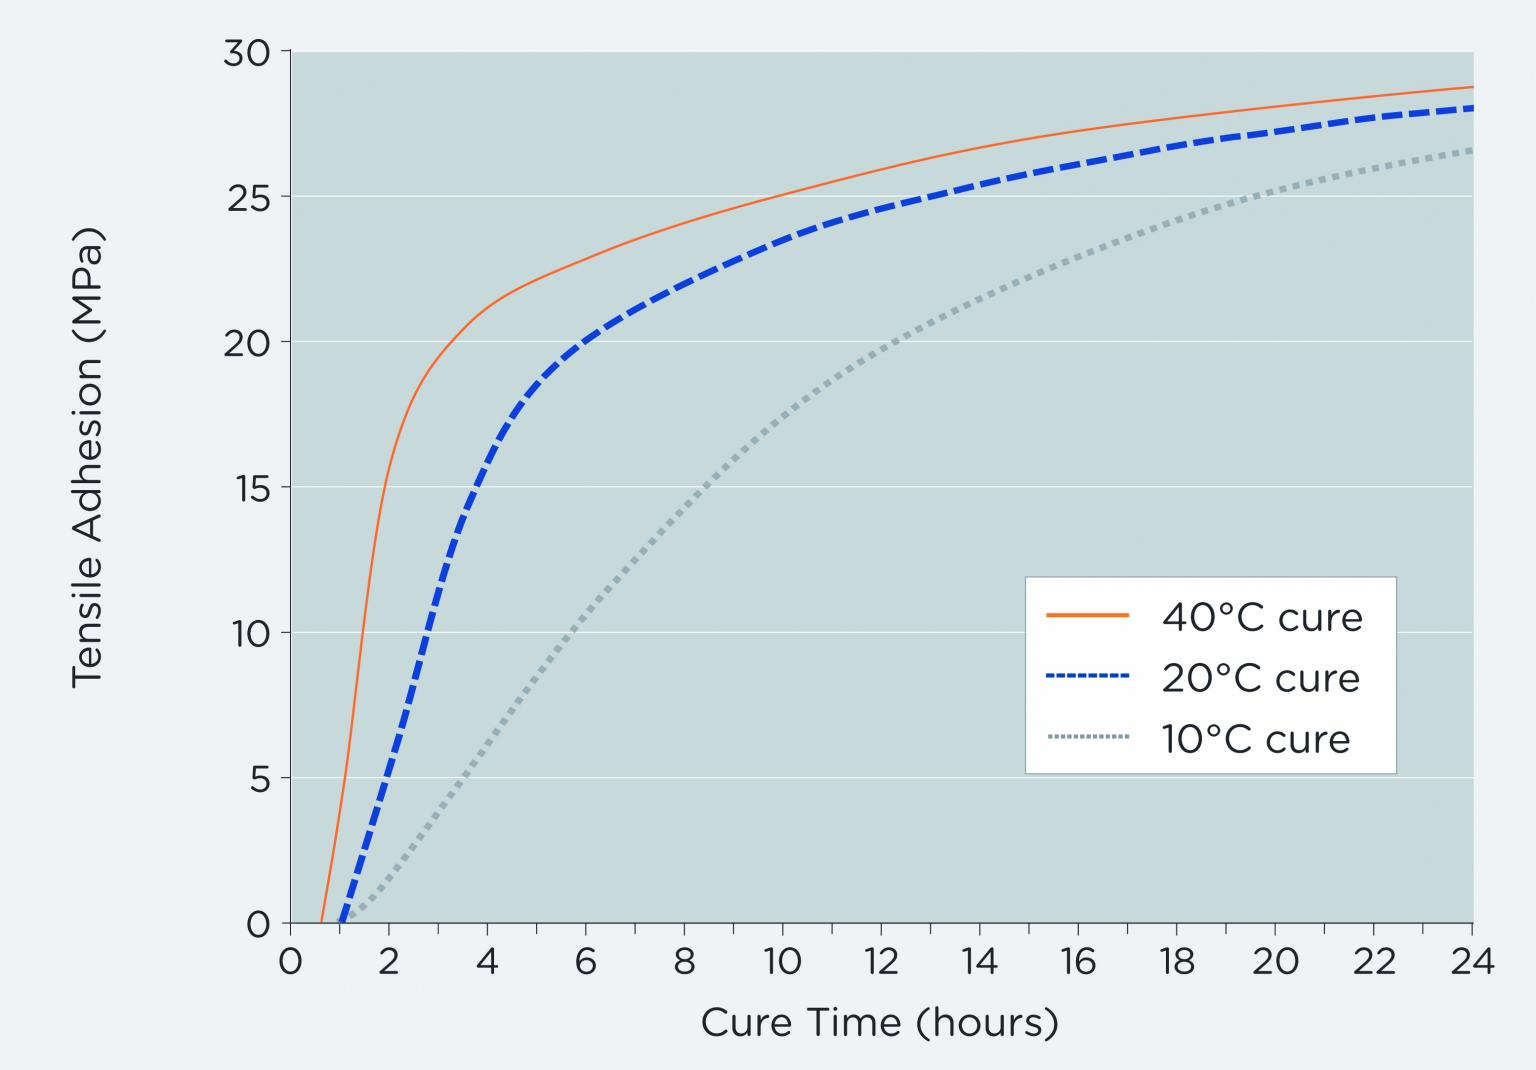 Belzona 1212 cures rapidly even in low temperatures